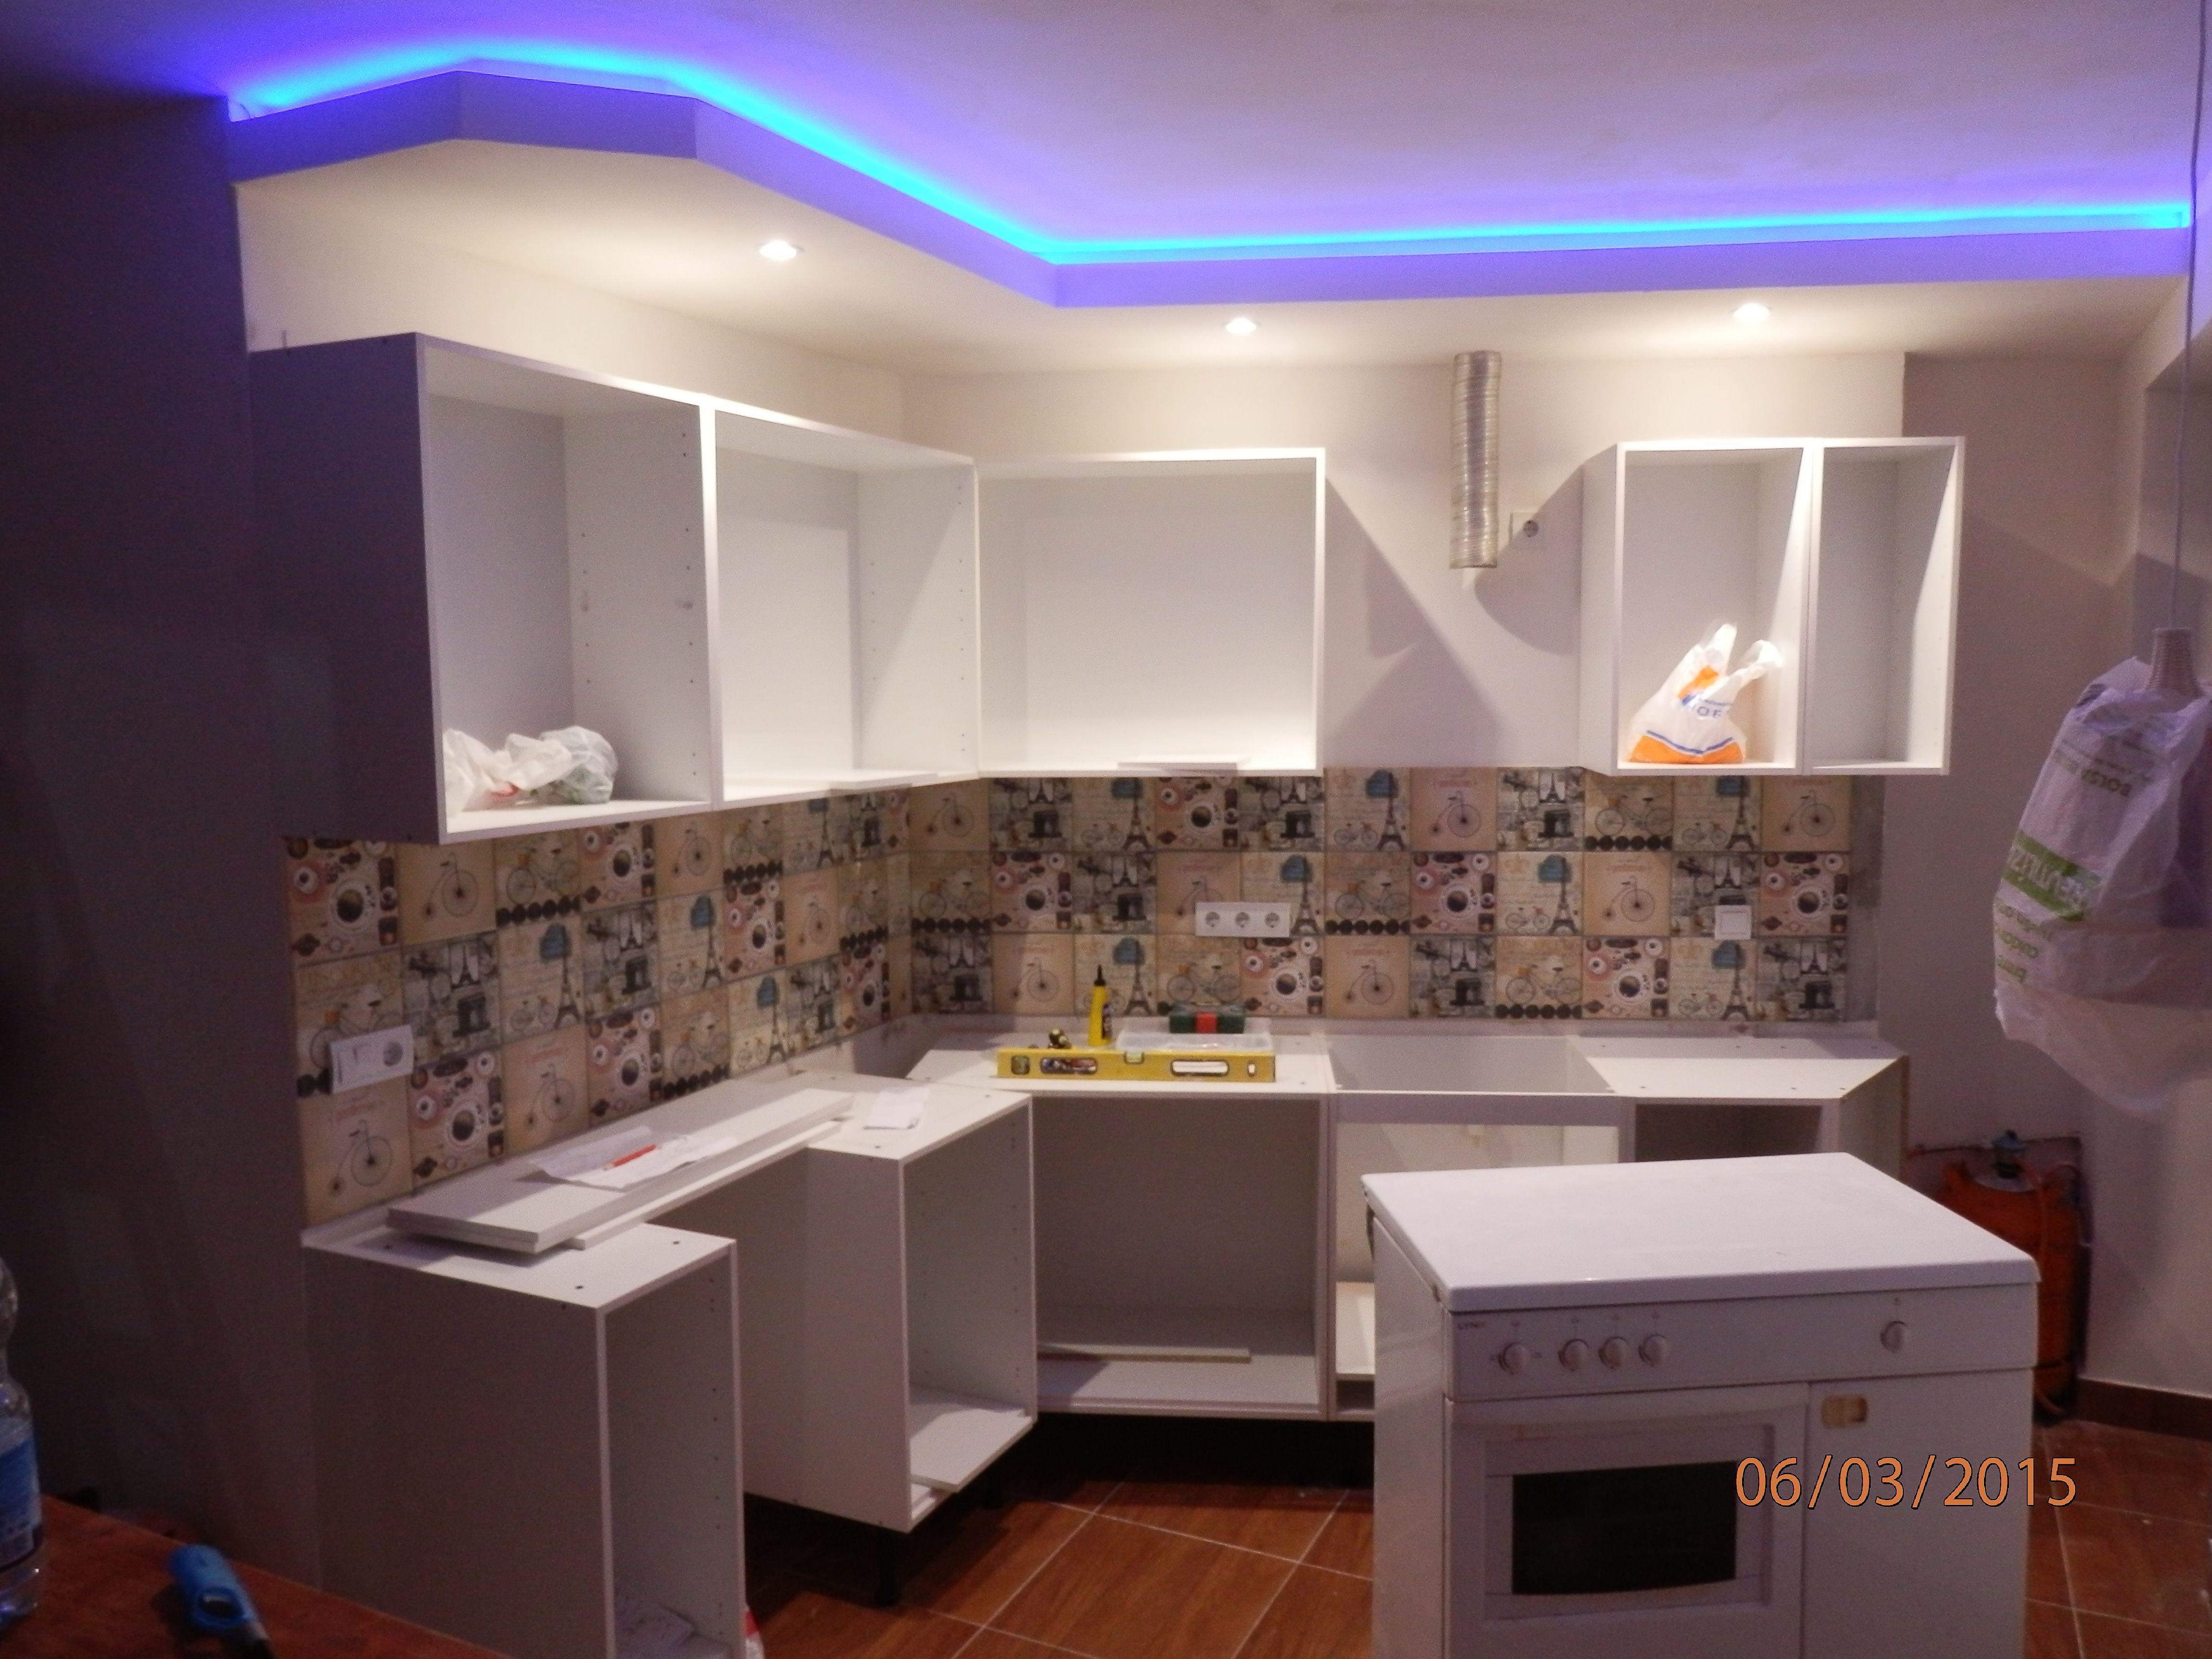 Como arreglar las paredes y techos con pladur para la casa pinterest - Casas de pladur ...